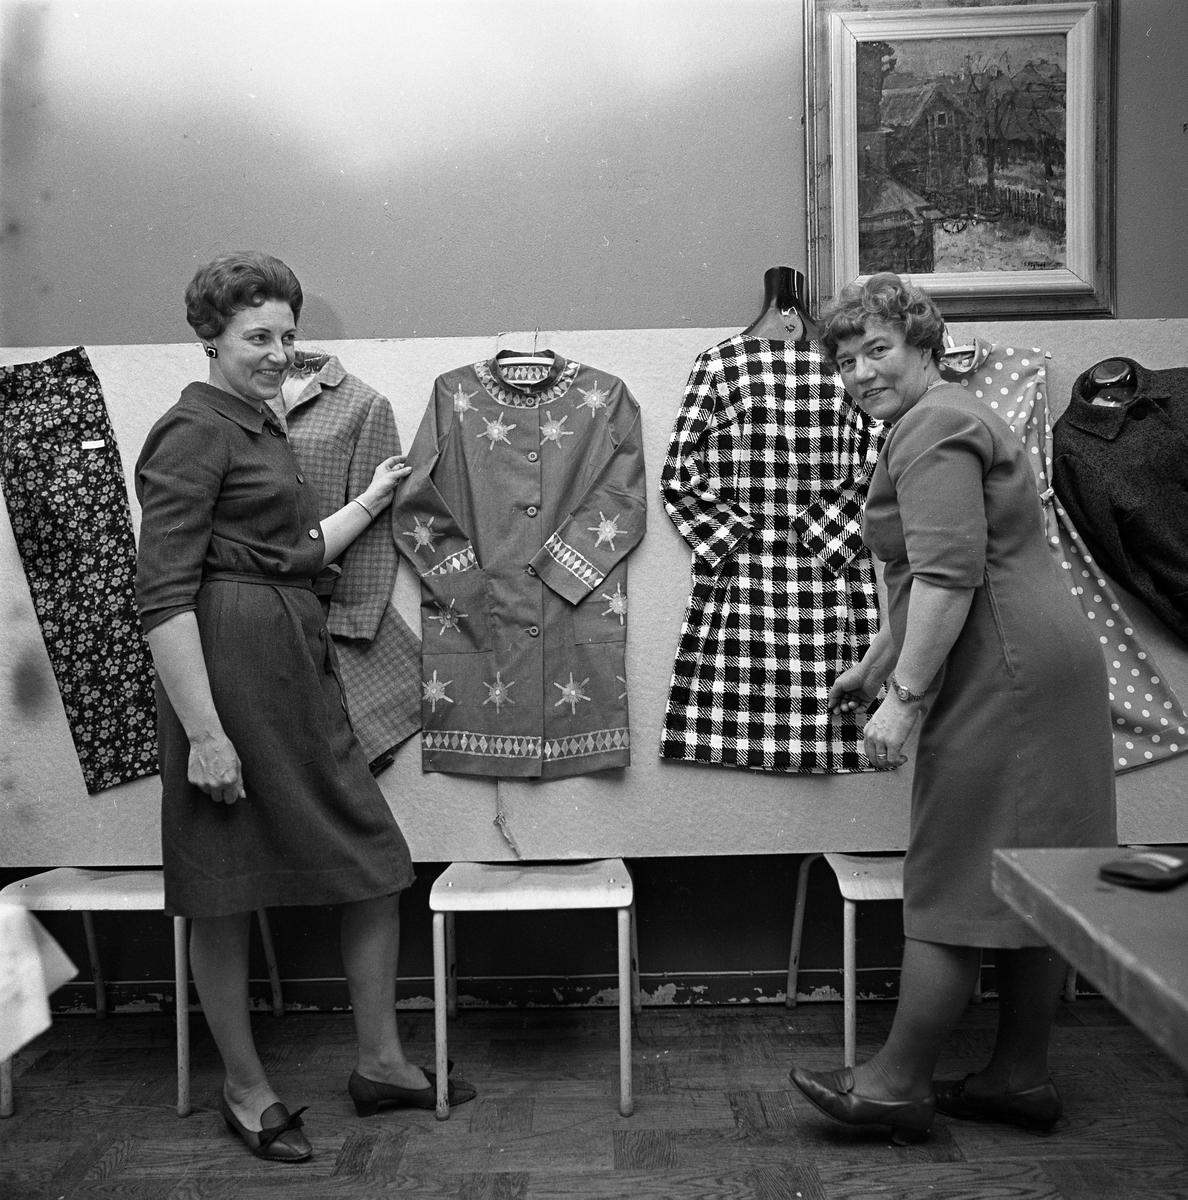 Arbetarnas Bildningsförbunds avslutning. Två kvinnor visar kläder som förmodligen sytts på kurs. Byxor, jacka, kjol, klänningar.